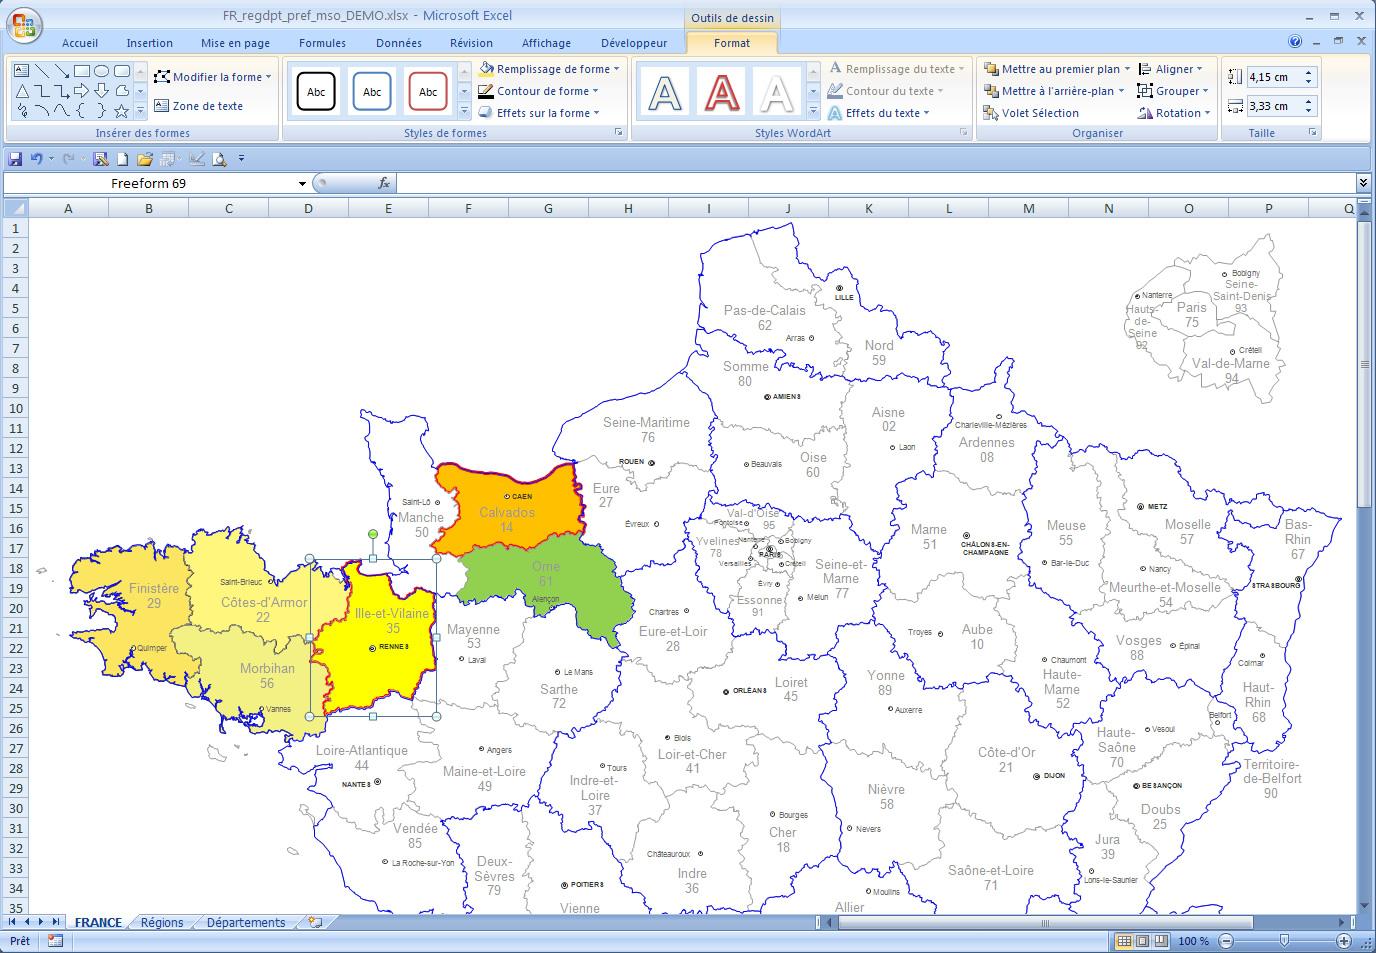 Départements De France Pour Word Et Excel Modifiable destiné Département De La France Carte